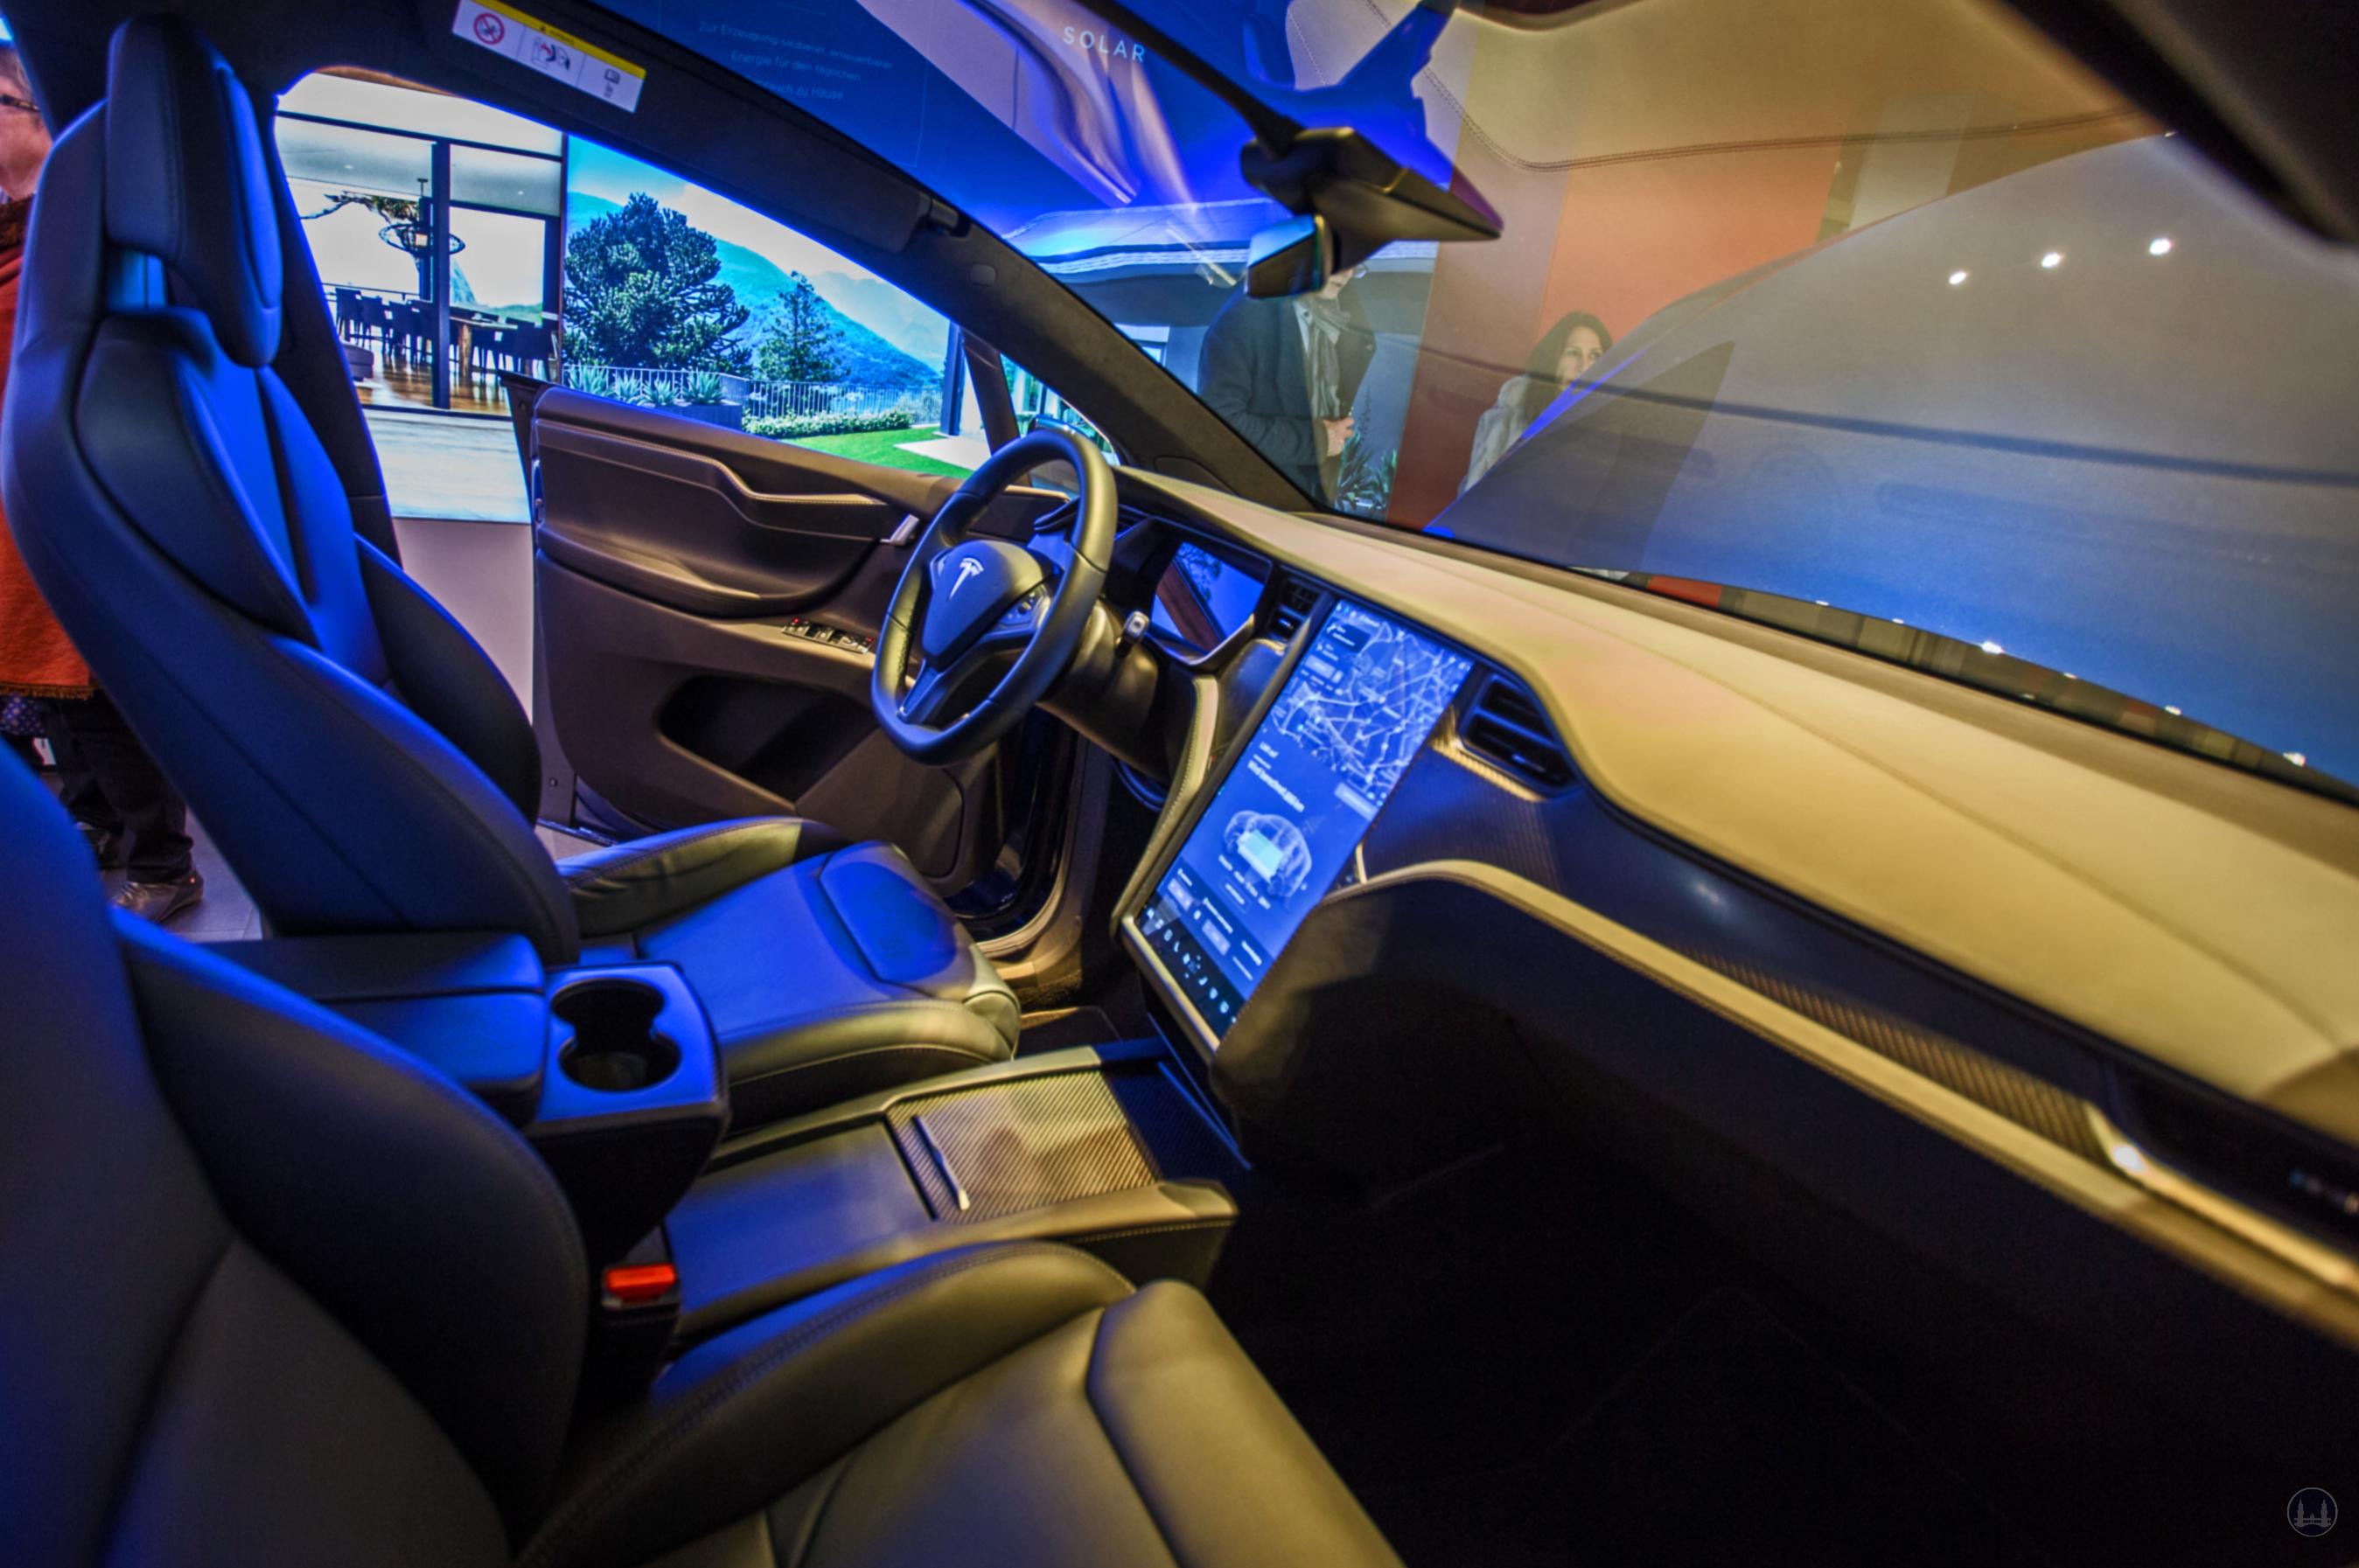 Berlin Kurfürstendamm Tesla Store Modell X. Blick auf das Cockpit des Fahrzeugs.